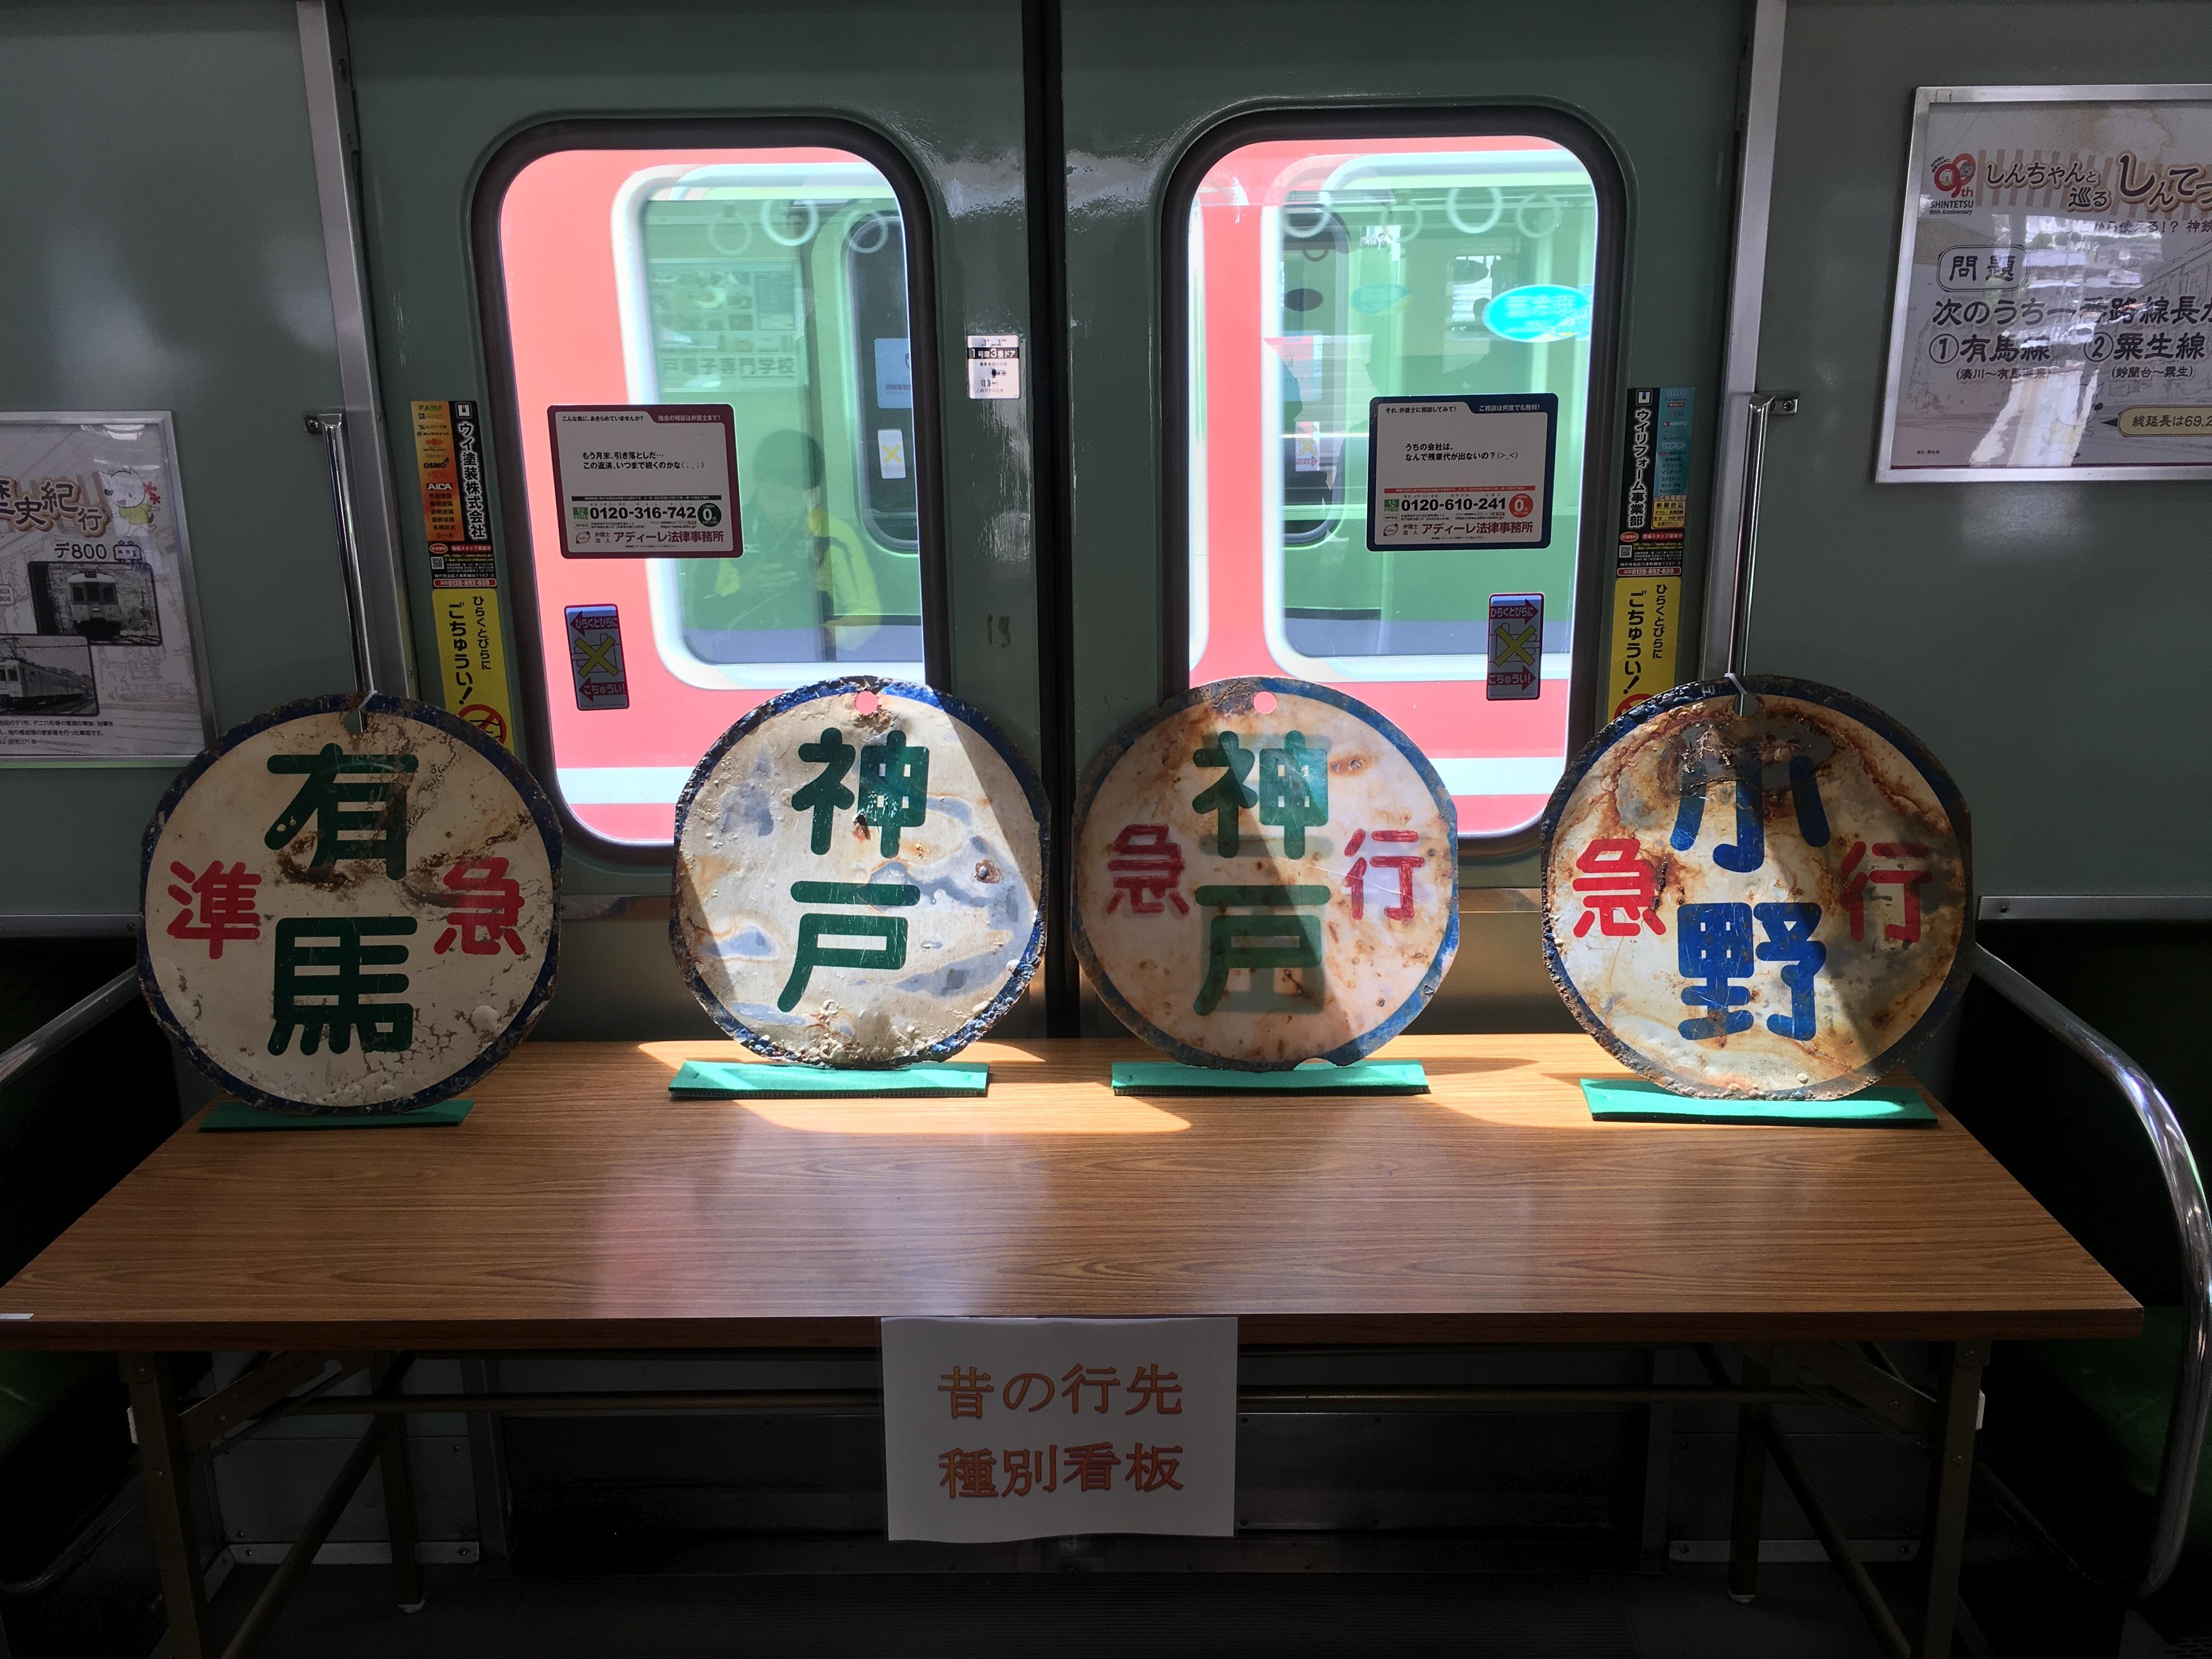 20180519神戸電鉄の行き先表示板